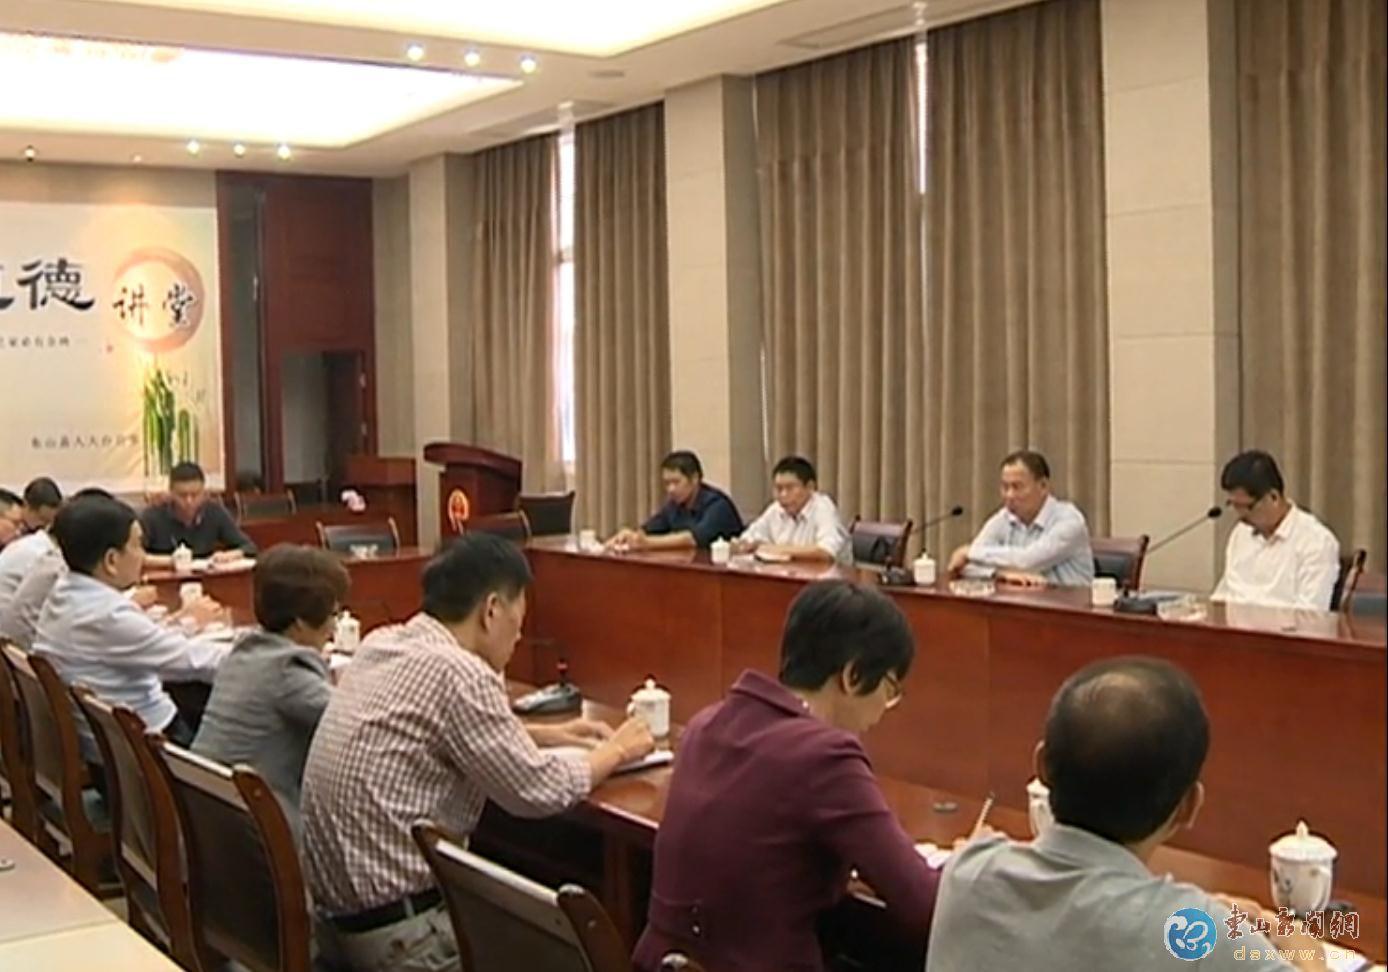 陈汉夫到东山县调研县、镇人大换届选举工作 陈汉夫个人简历、照片